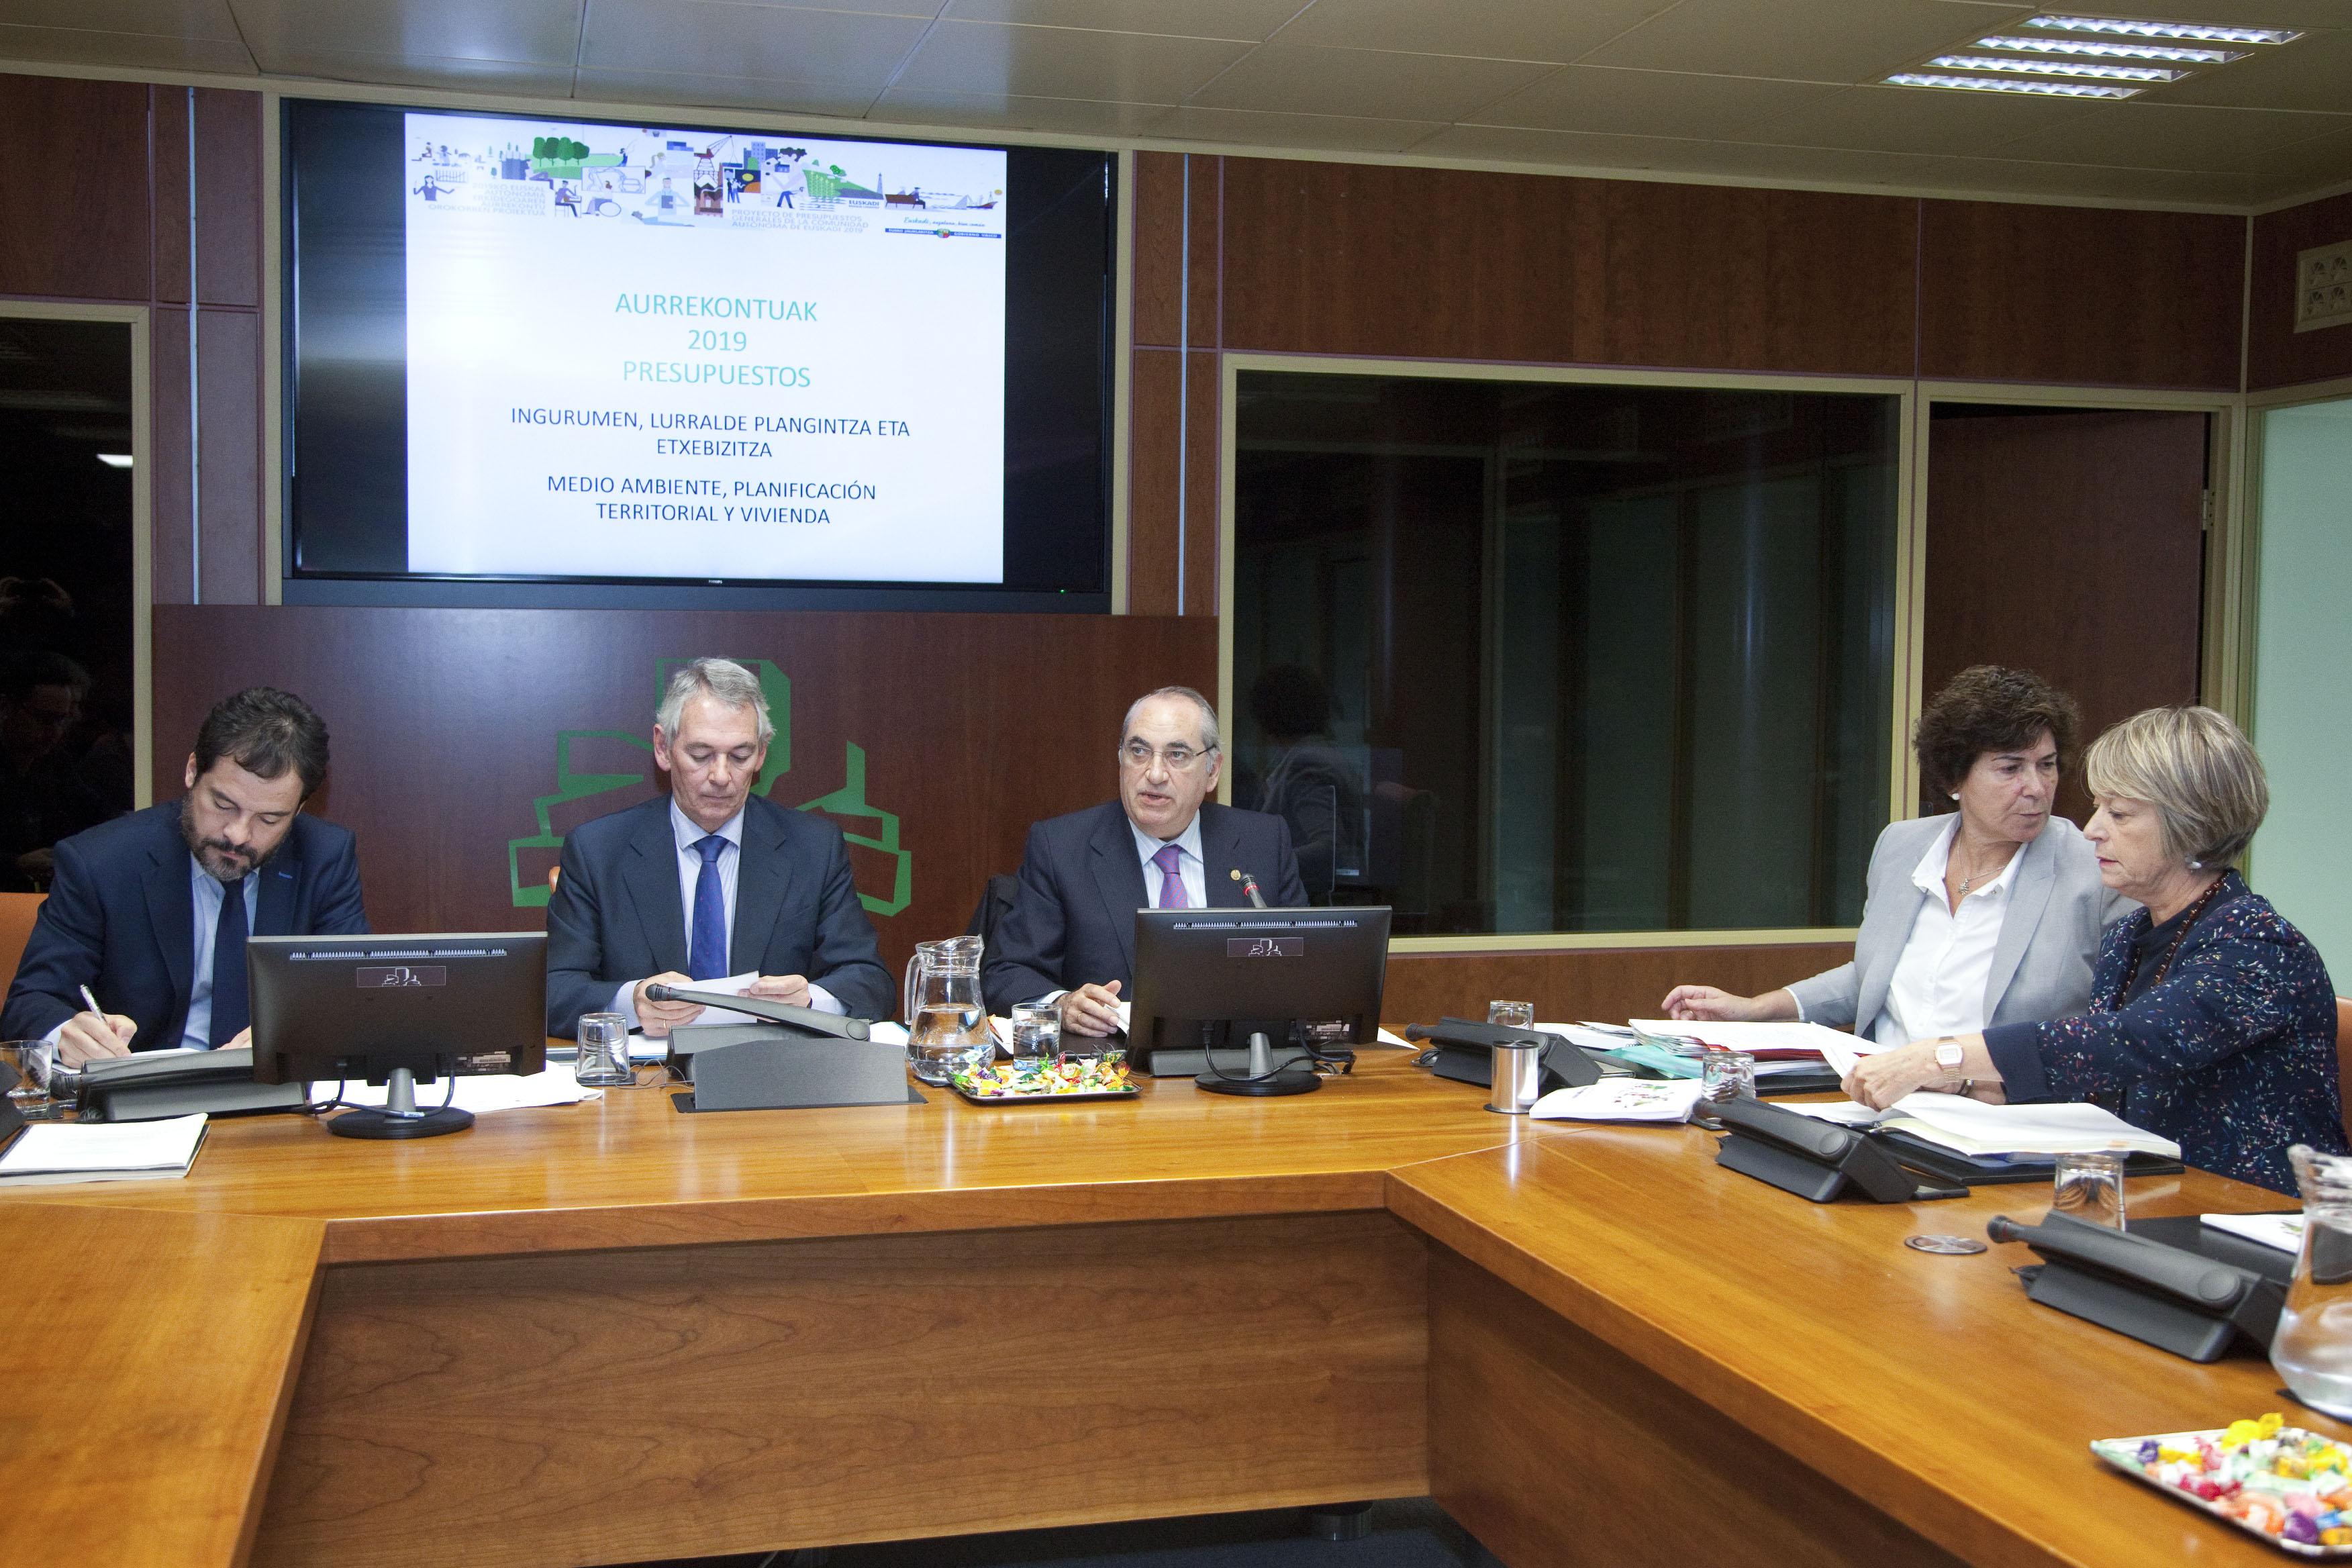 El presupuesto del Departamento de Medio Ambiente, Planificación Territorial y Vivienda se incrementa un 8,4% y cuenta este año con 223,3 millones de euros